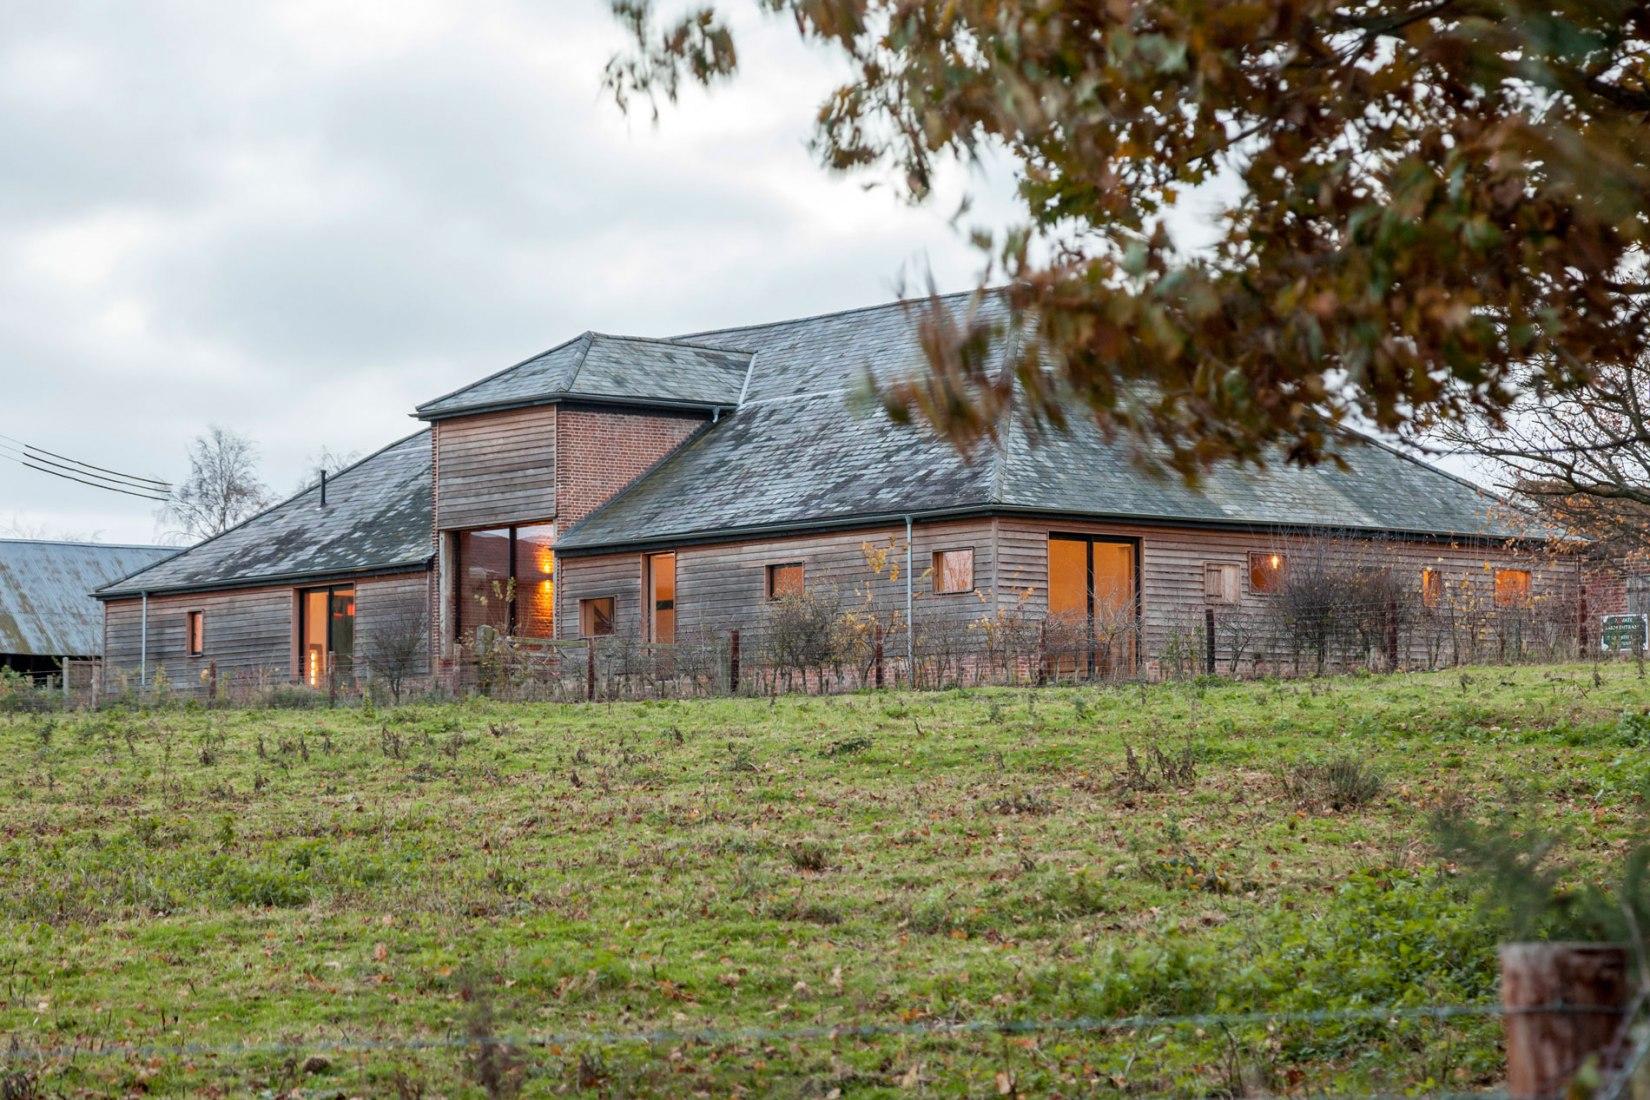 Vista del exterior. Nuevo Church Hill Barn por David Nossiter Architects. Fotografía © Steve Lancefield